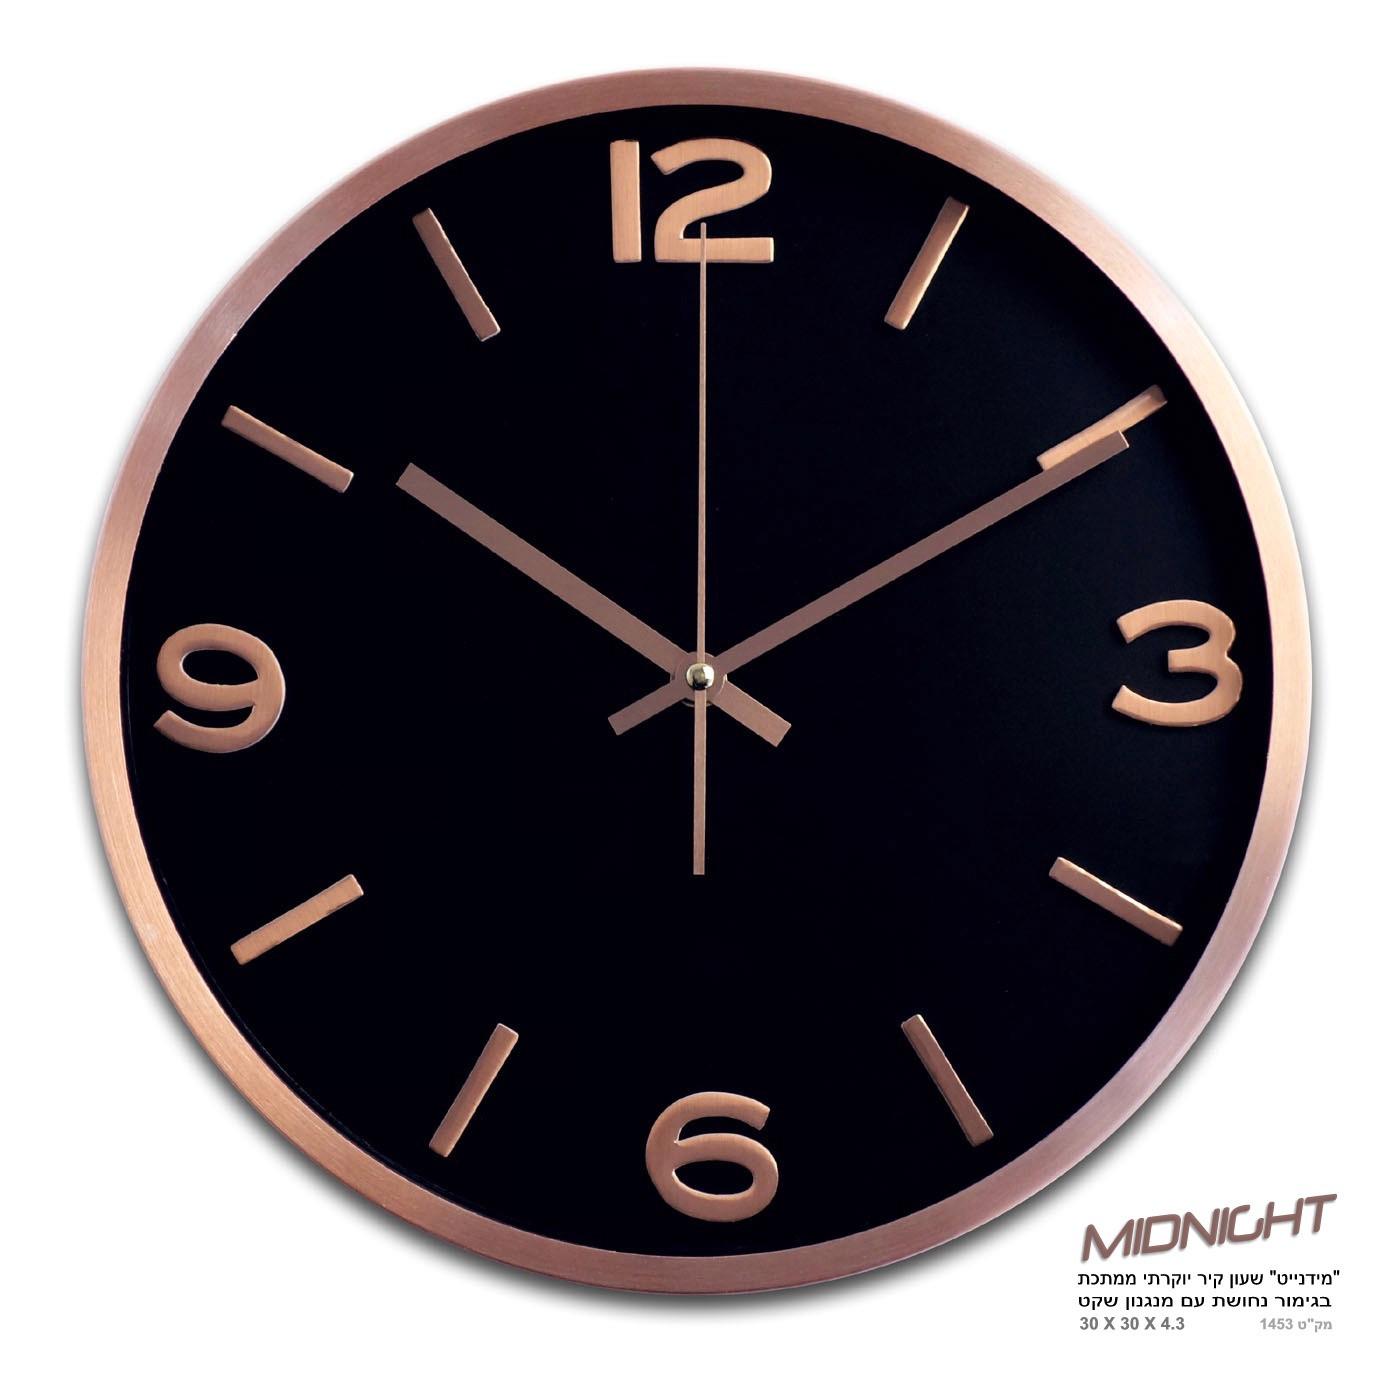 שעון קיר מתכתי נחושת עם מנגנון שקט